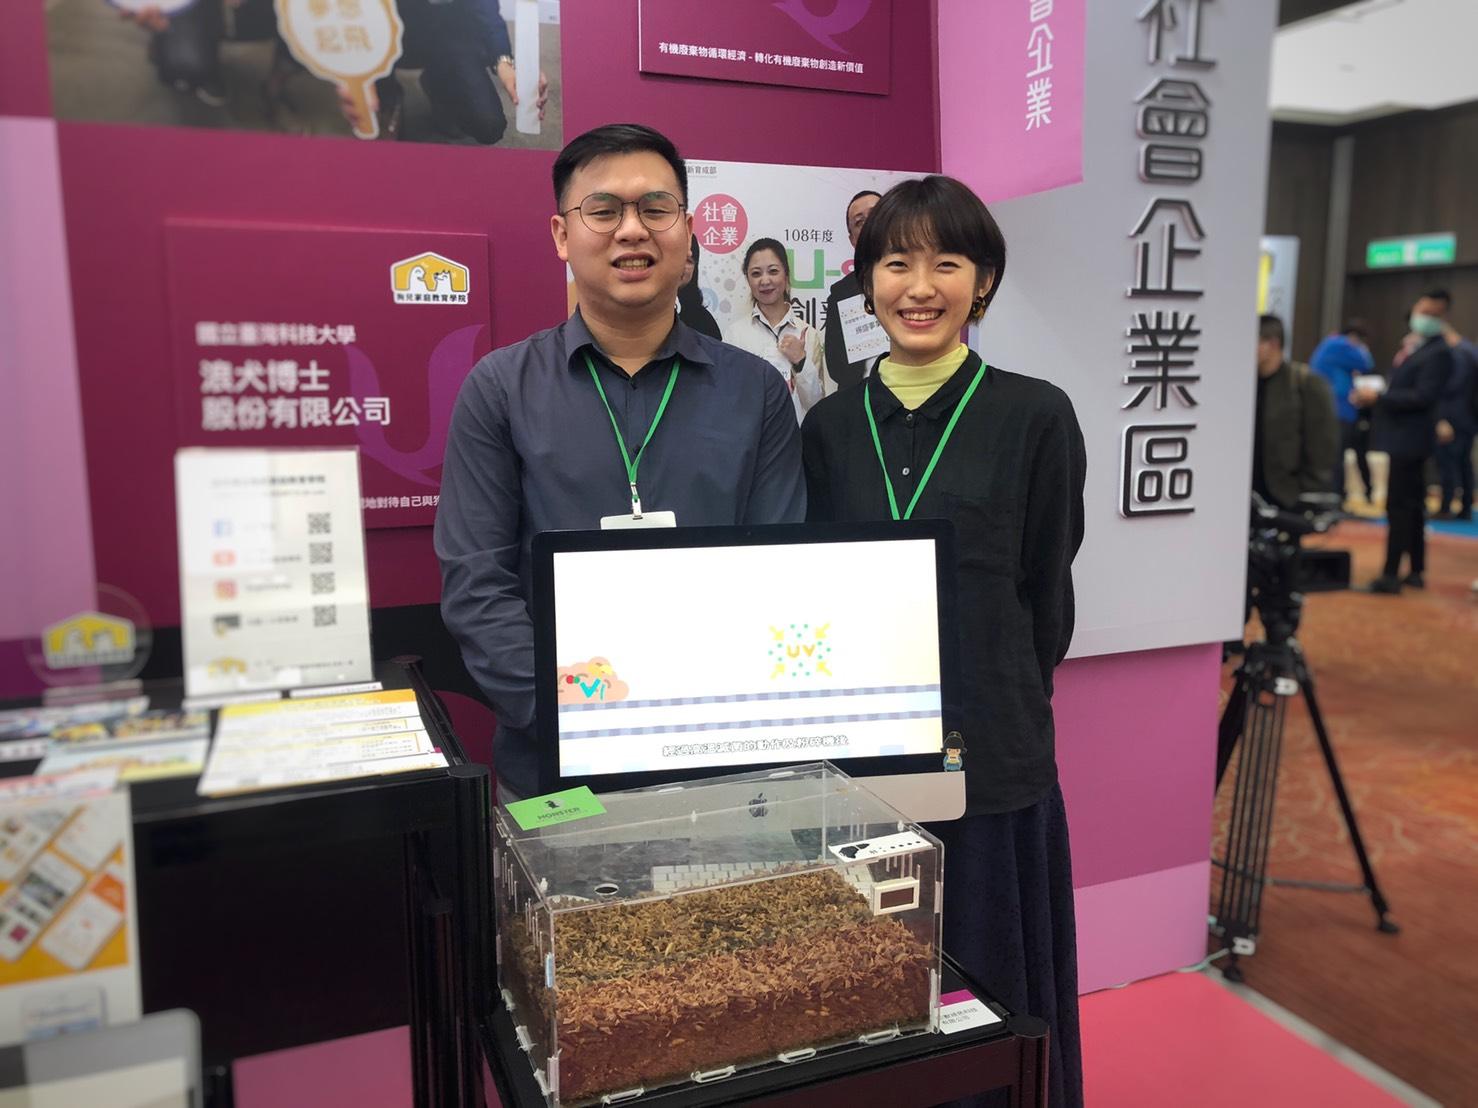 巨獸綠色科技有限公司代表人陳重宇(左)表示,黑水虻不僅在前端可以處理有機廢氣物,末端也能夠利用黑水虻作為產品原物料。攝影/陳彥蓉